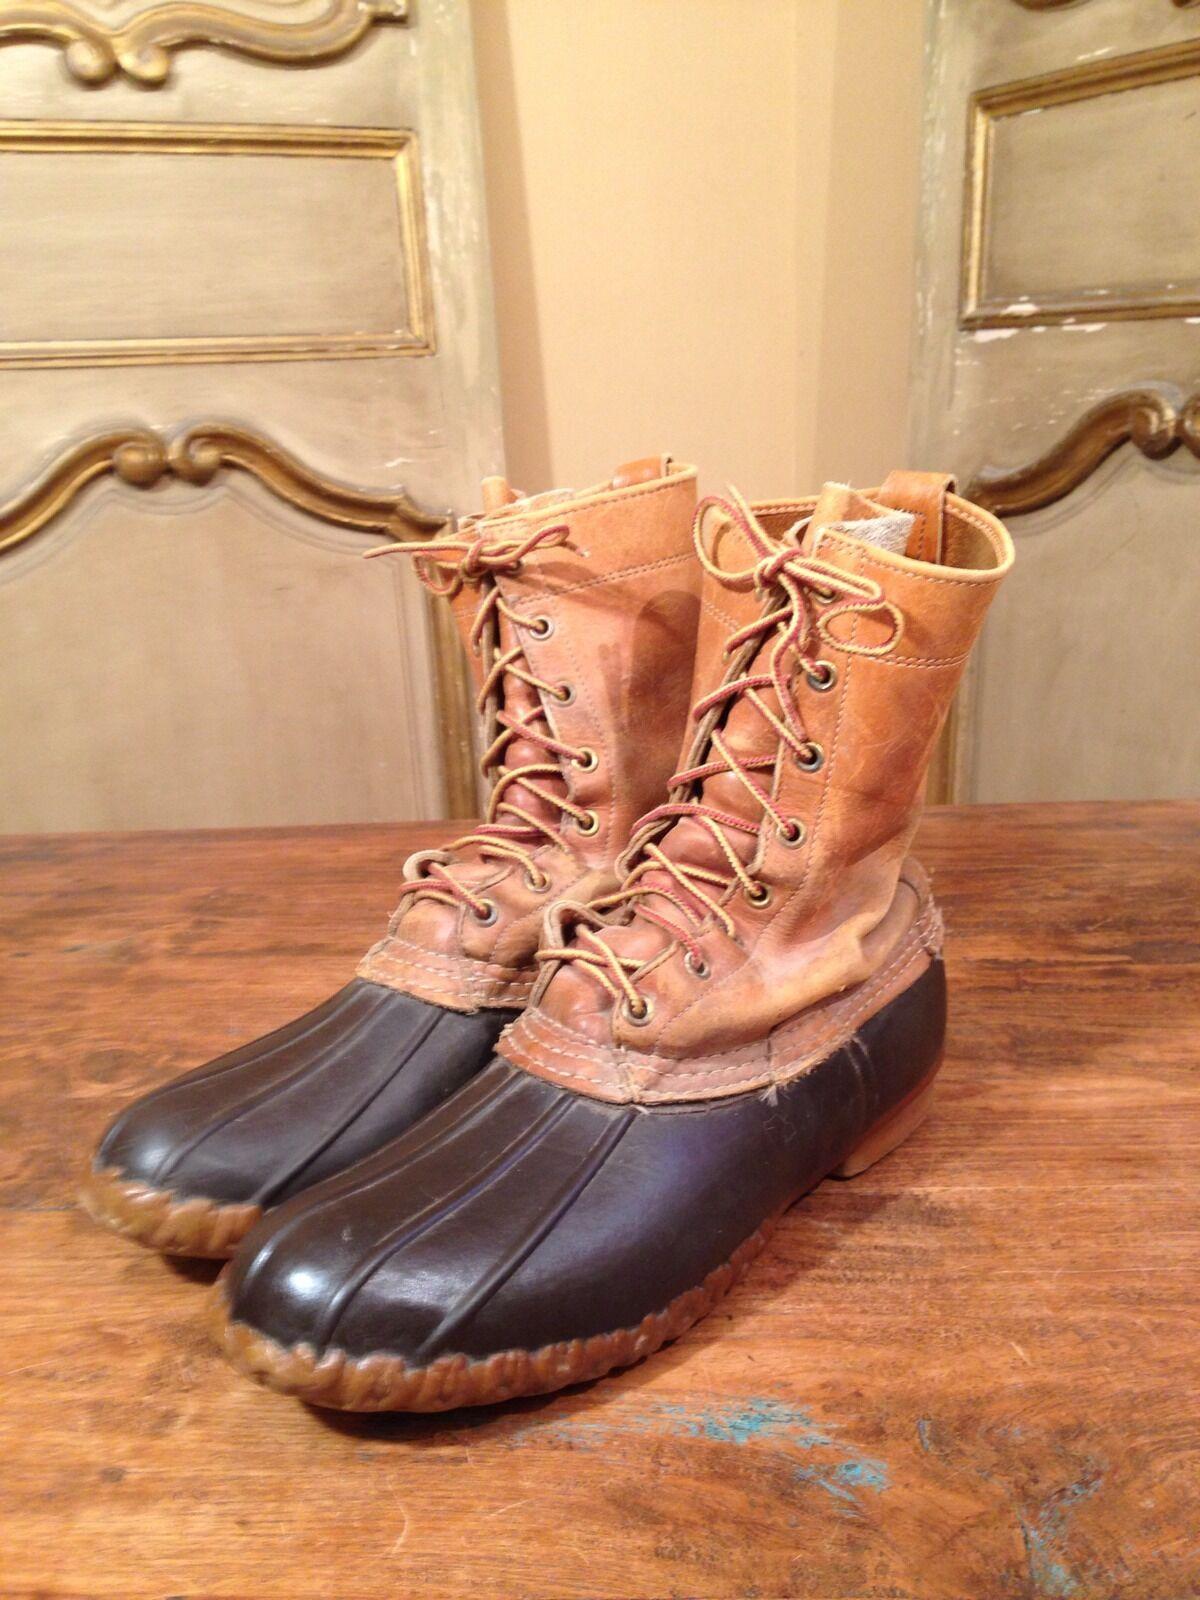 vendita online sconto prezzo basso VINTAGE L.L BEAN donna MAINE HUNTING stivali IN IN IN Dimensione 9 NARROW  acquisti online